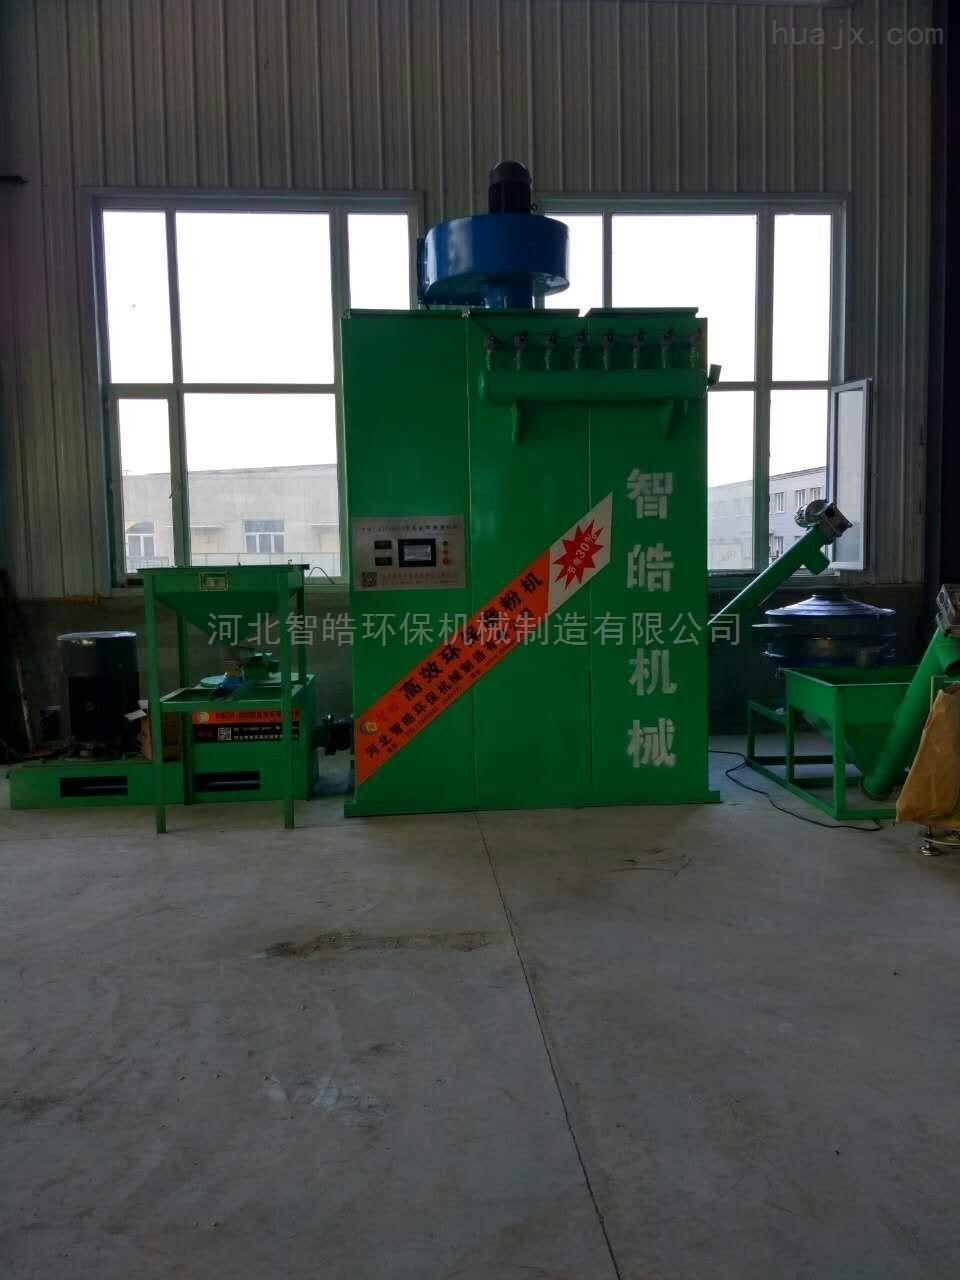 高新技术企业800PVC磨粉机开启高效新篇章